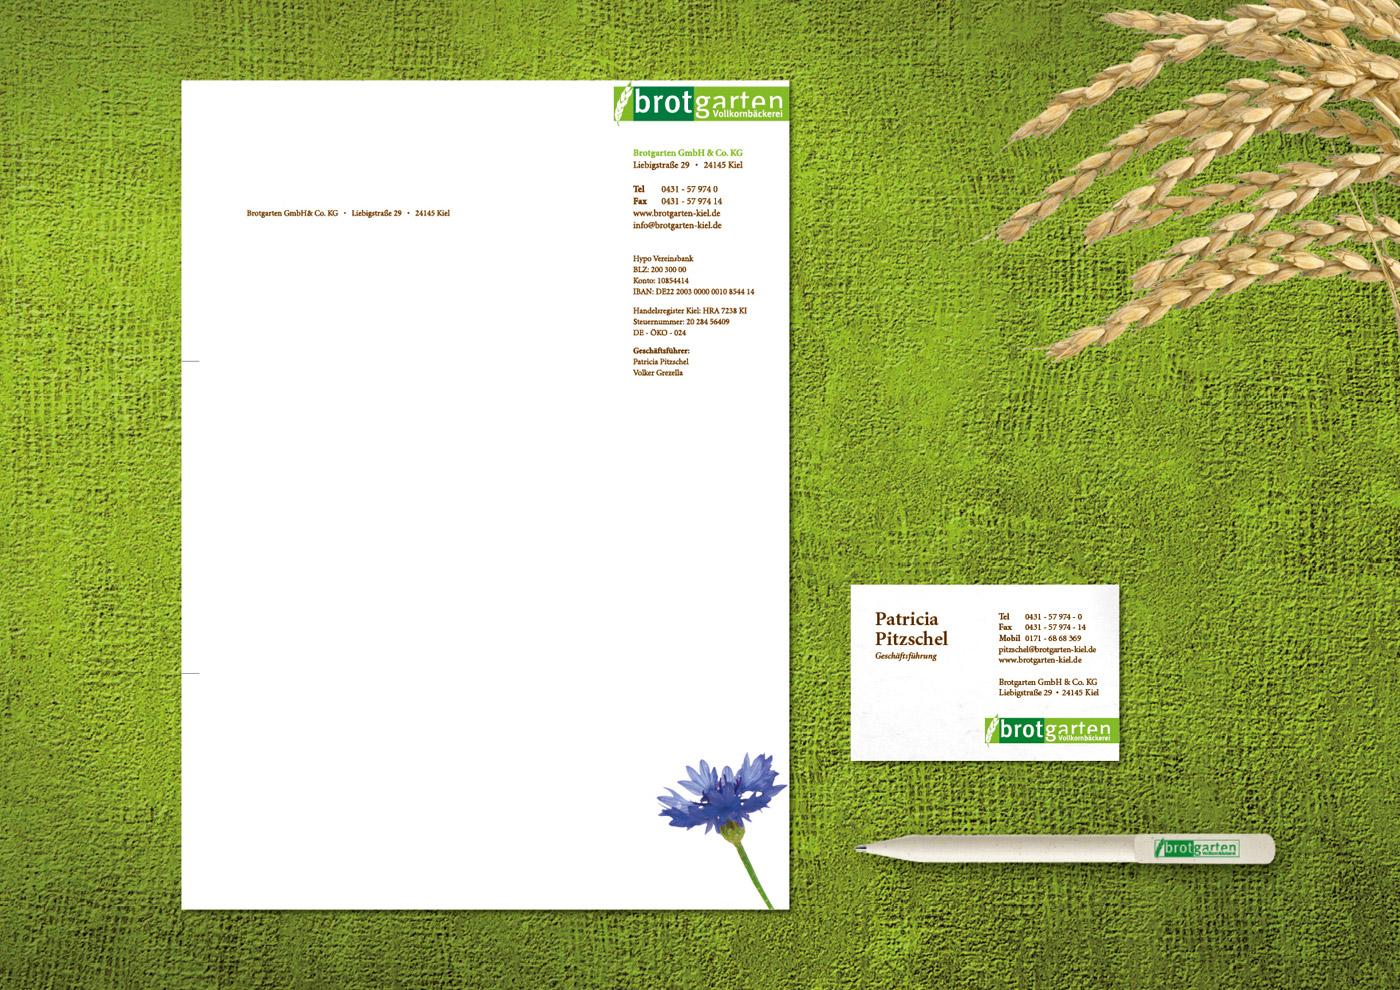 Relaunch CD und Markenführung für die Biobäckerei Brotgarten: Geschäftsausstattung